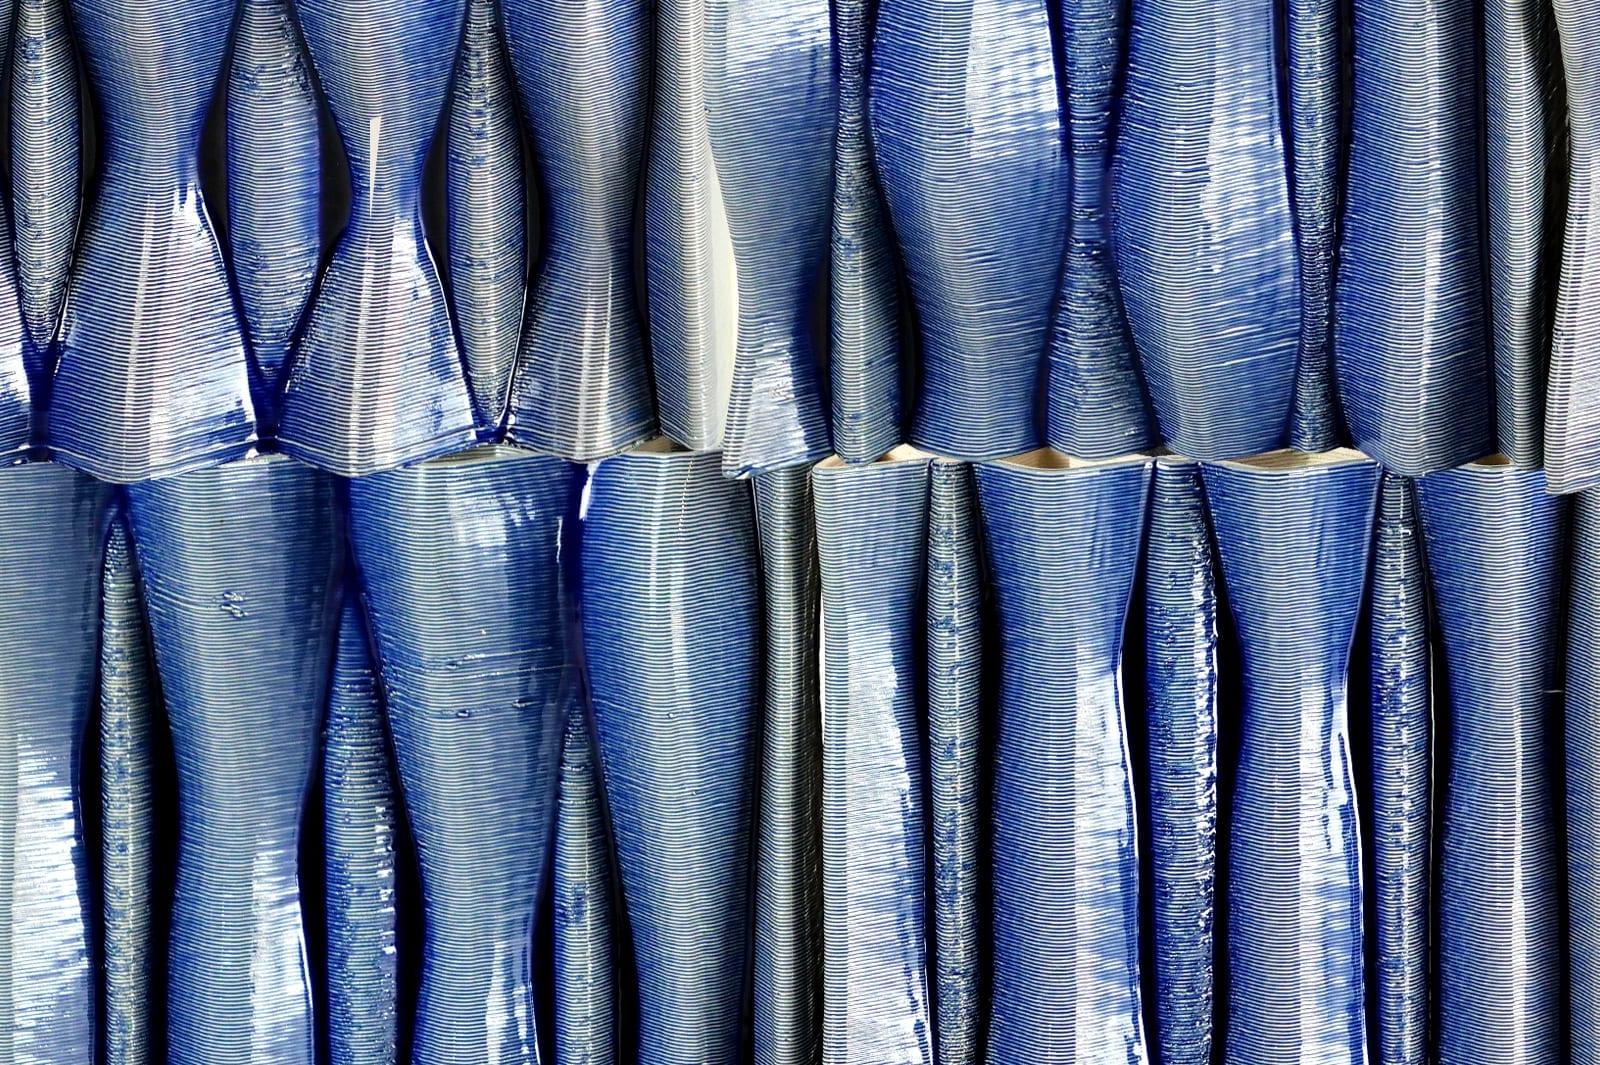 New Delft Blue